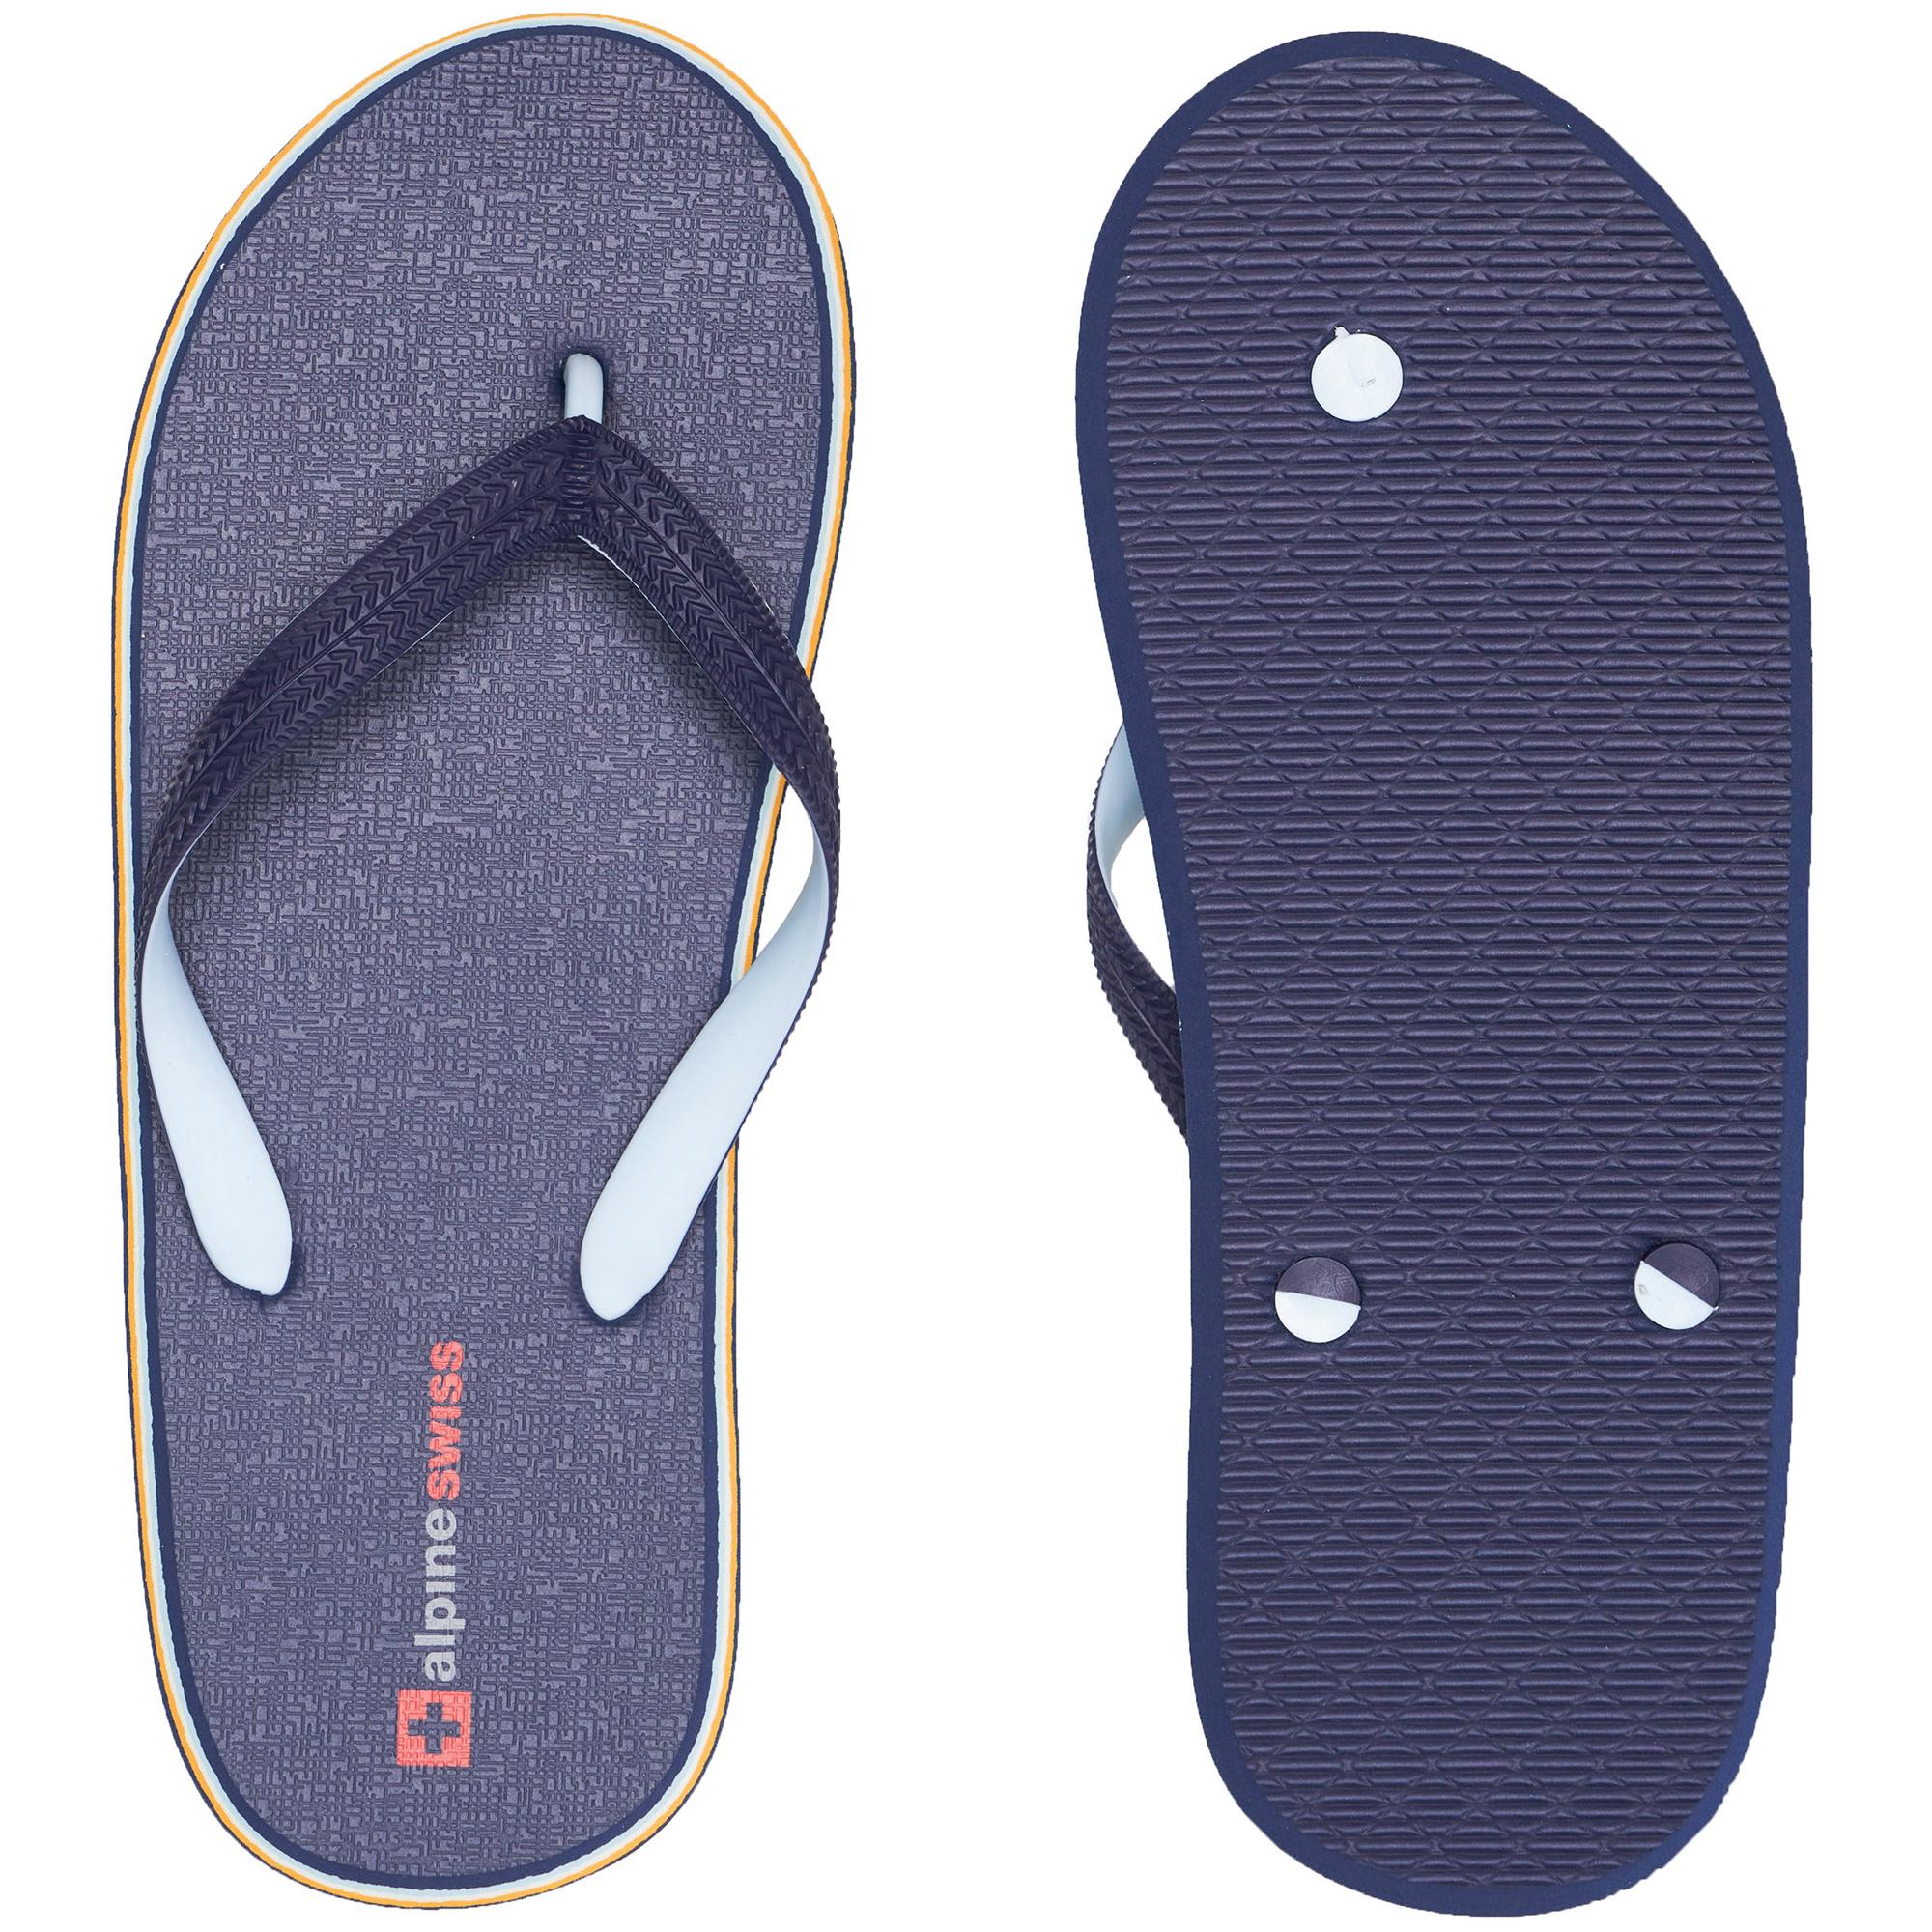 Alpine-Swiss-Mens-Flip-Flops-Beach-Sandals-Lightweight-EVA-Sole-Comfort-Thongs thumbnail 31